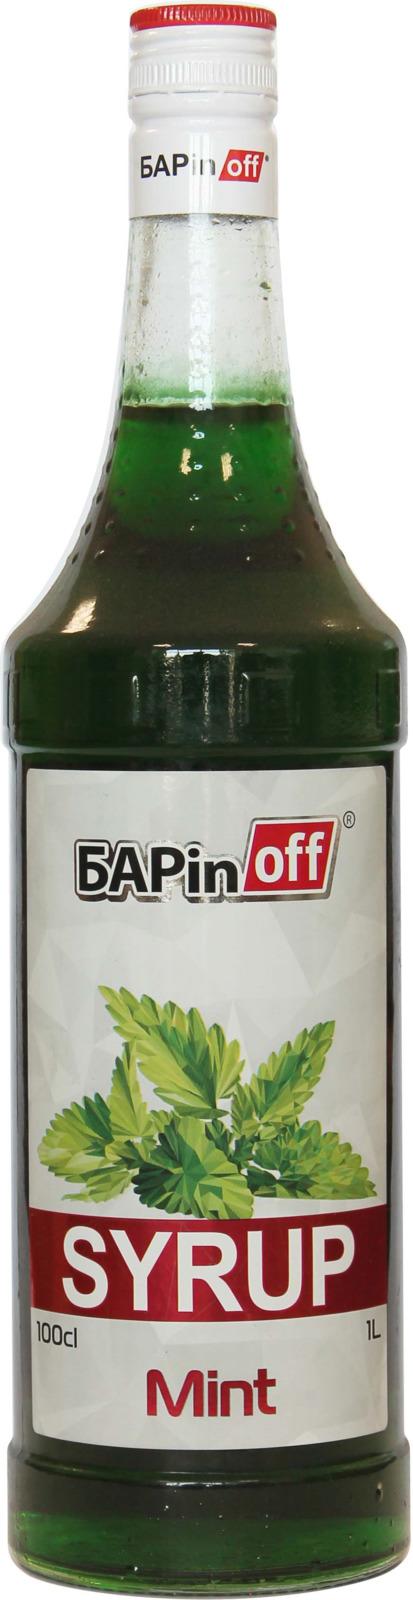 цена на Barinoff Сироп Мятный, 1 л